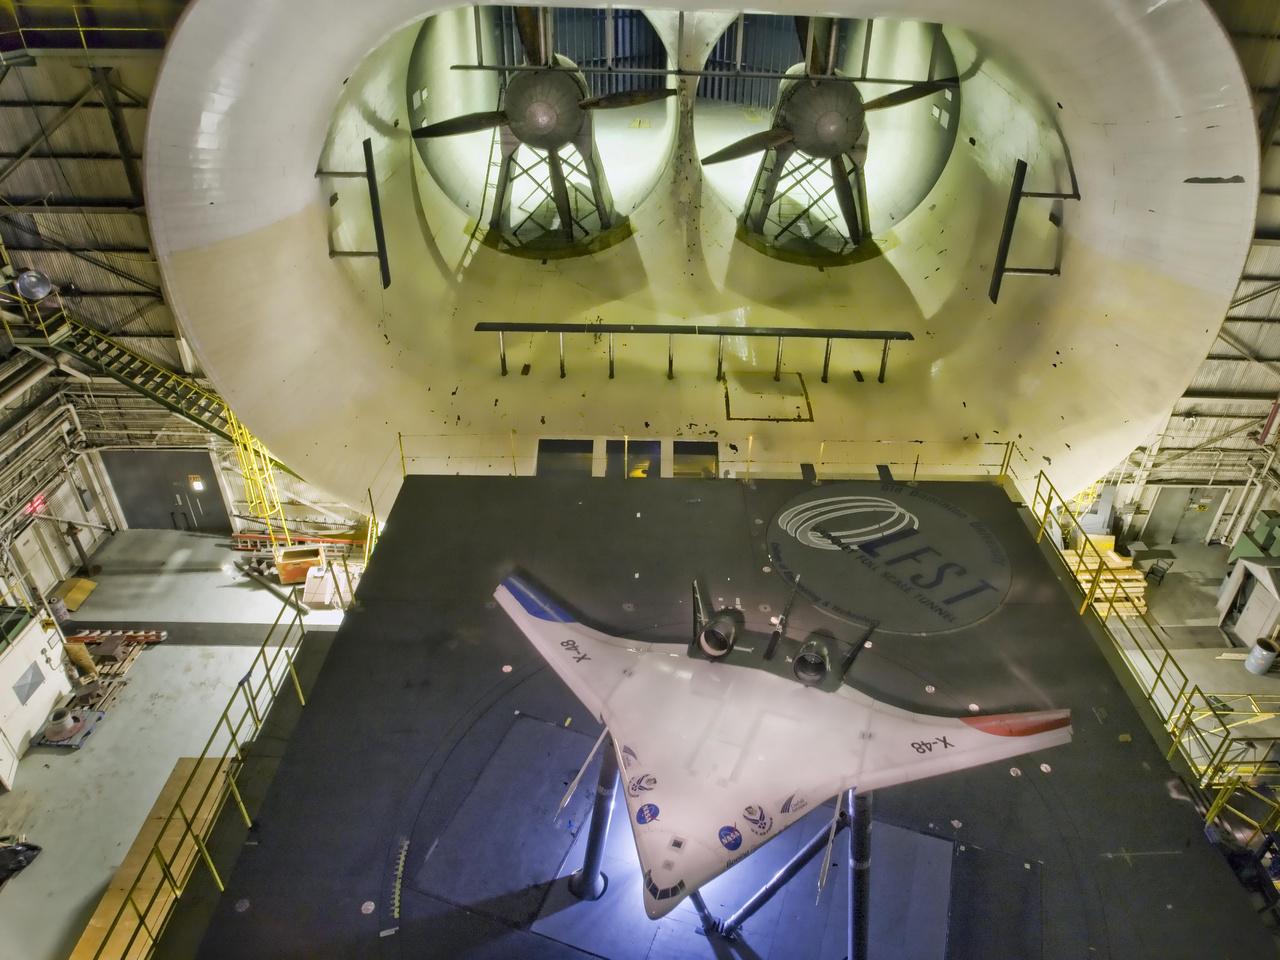 2009: X-48B kísérleti repülőgép szélcsatorna tesztje.